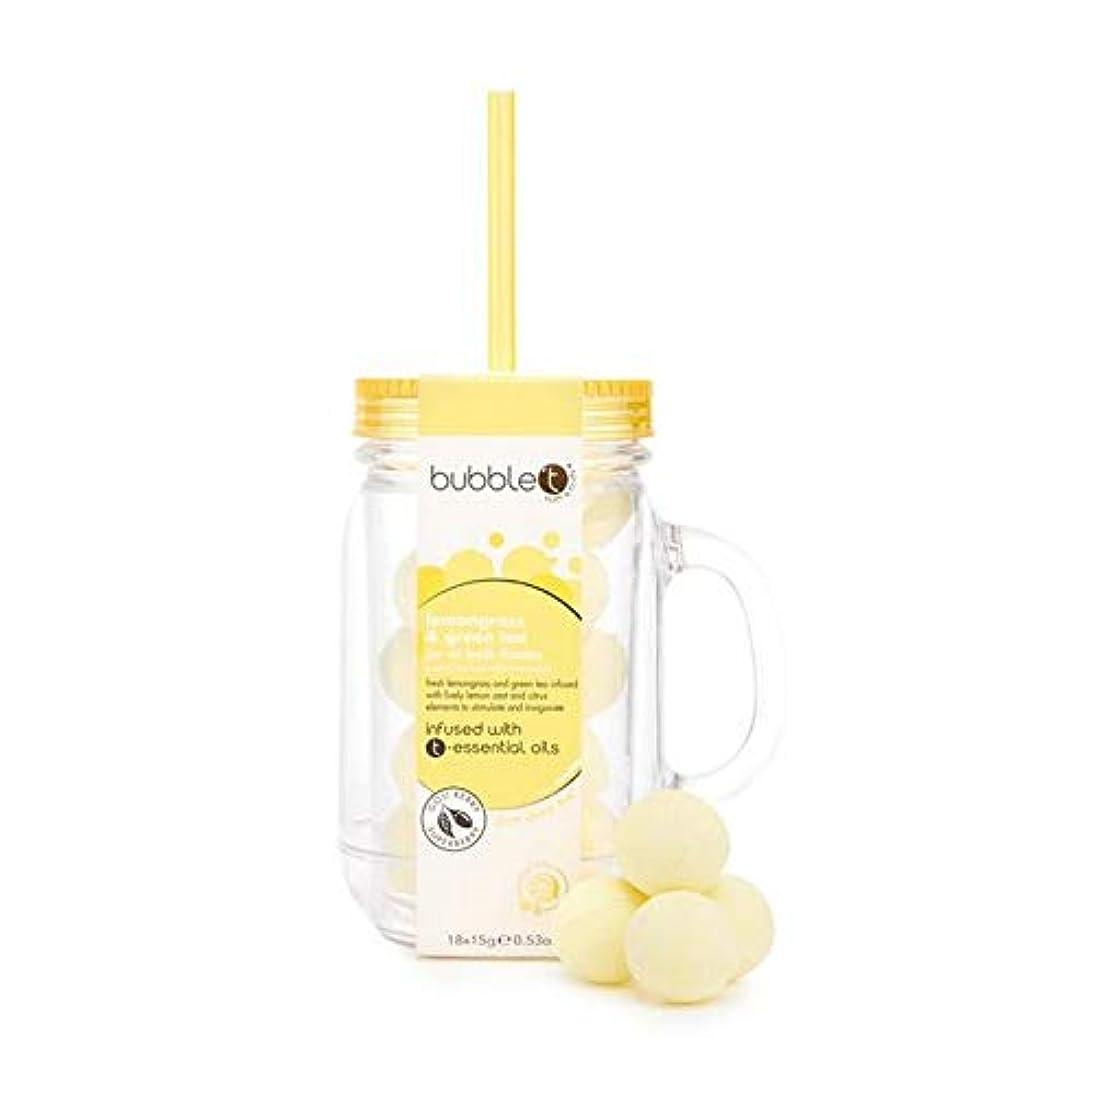 回想神の外側[BUBBLE T] バブルトン風呂Fizziesメイソンジャー、レモングラス&緑茶 - Bubble T Bath Fizzies Mason Jar, Lemongrass & Green Tea [並行輸入品]